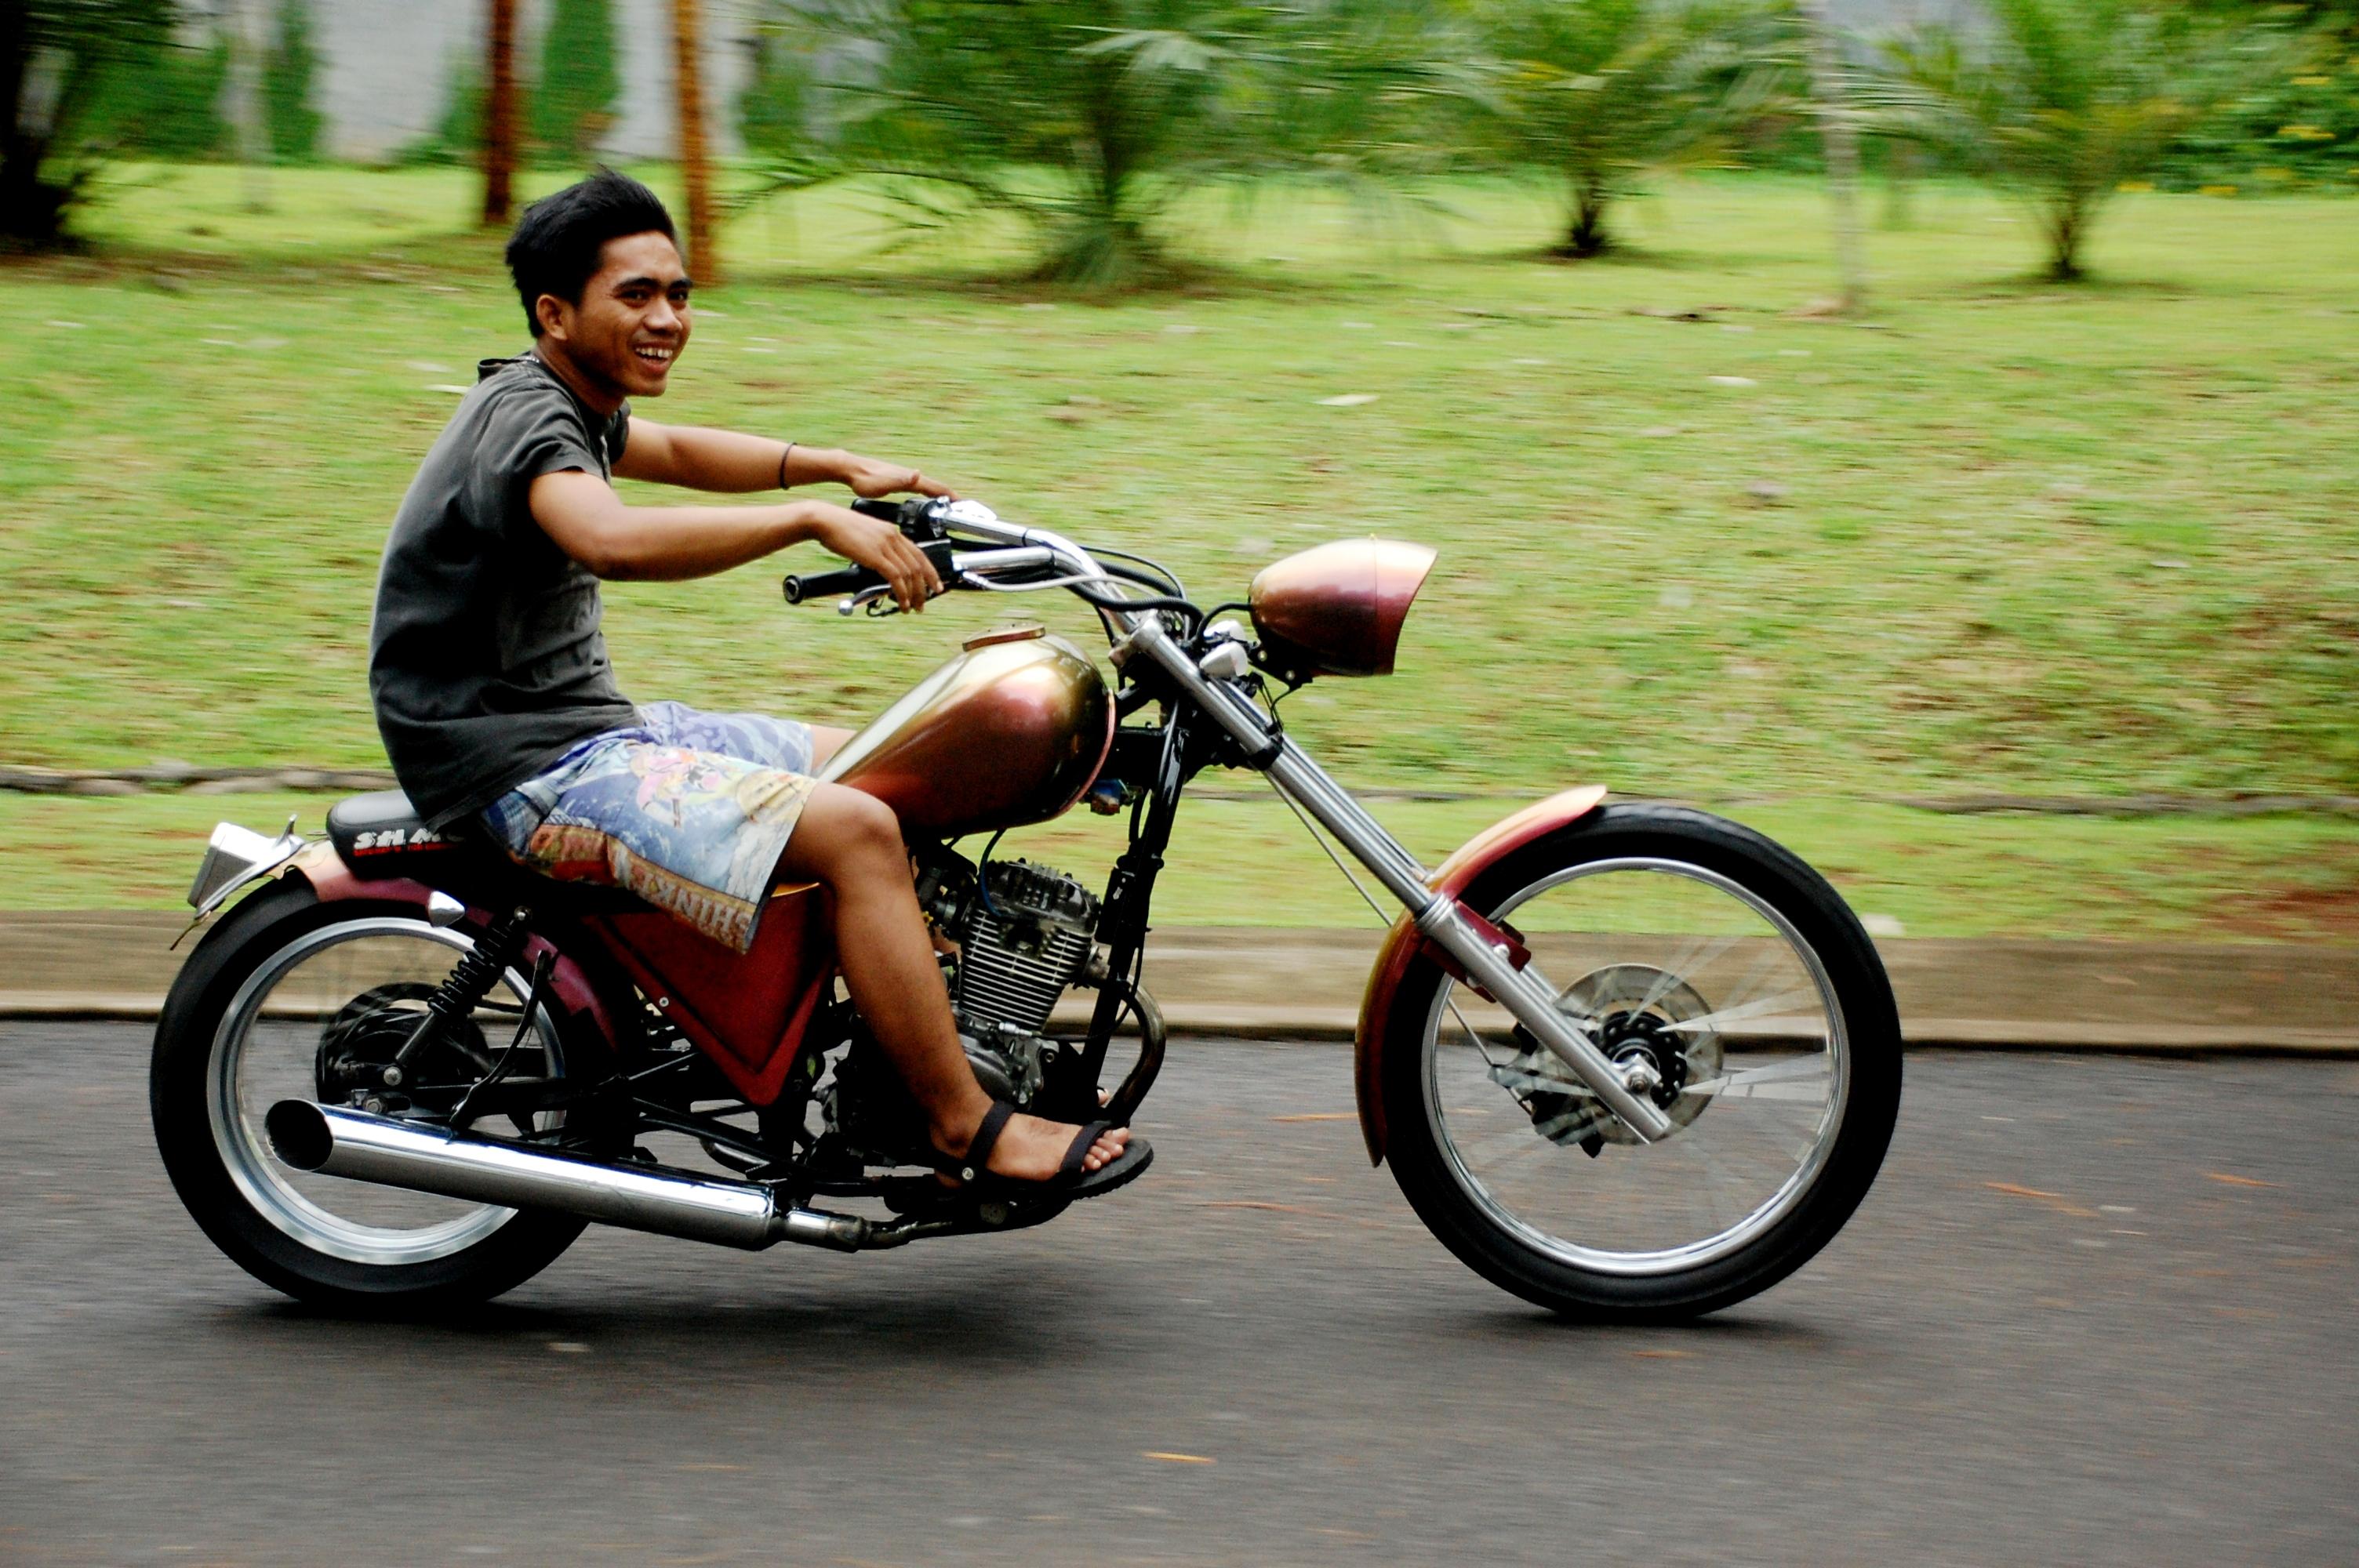 Download 75 Modifikasi Motor Gl 100 Jadi Harley Terbaru Cermin